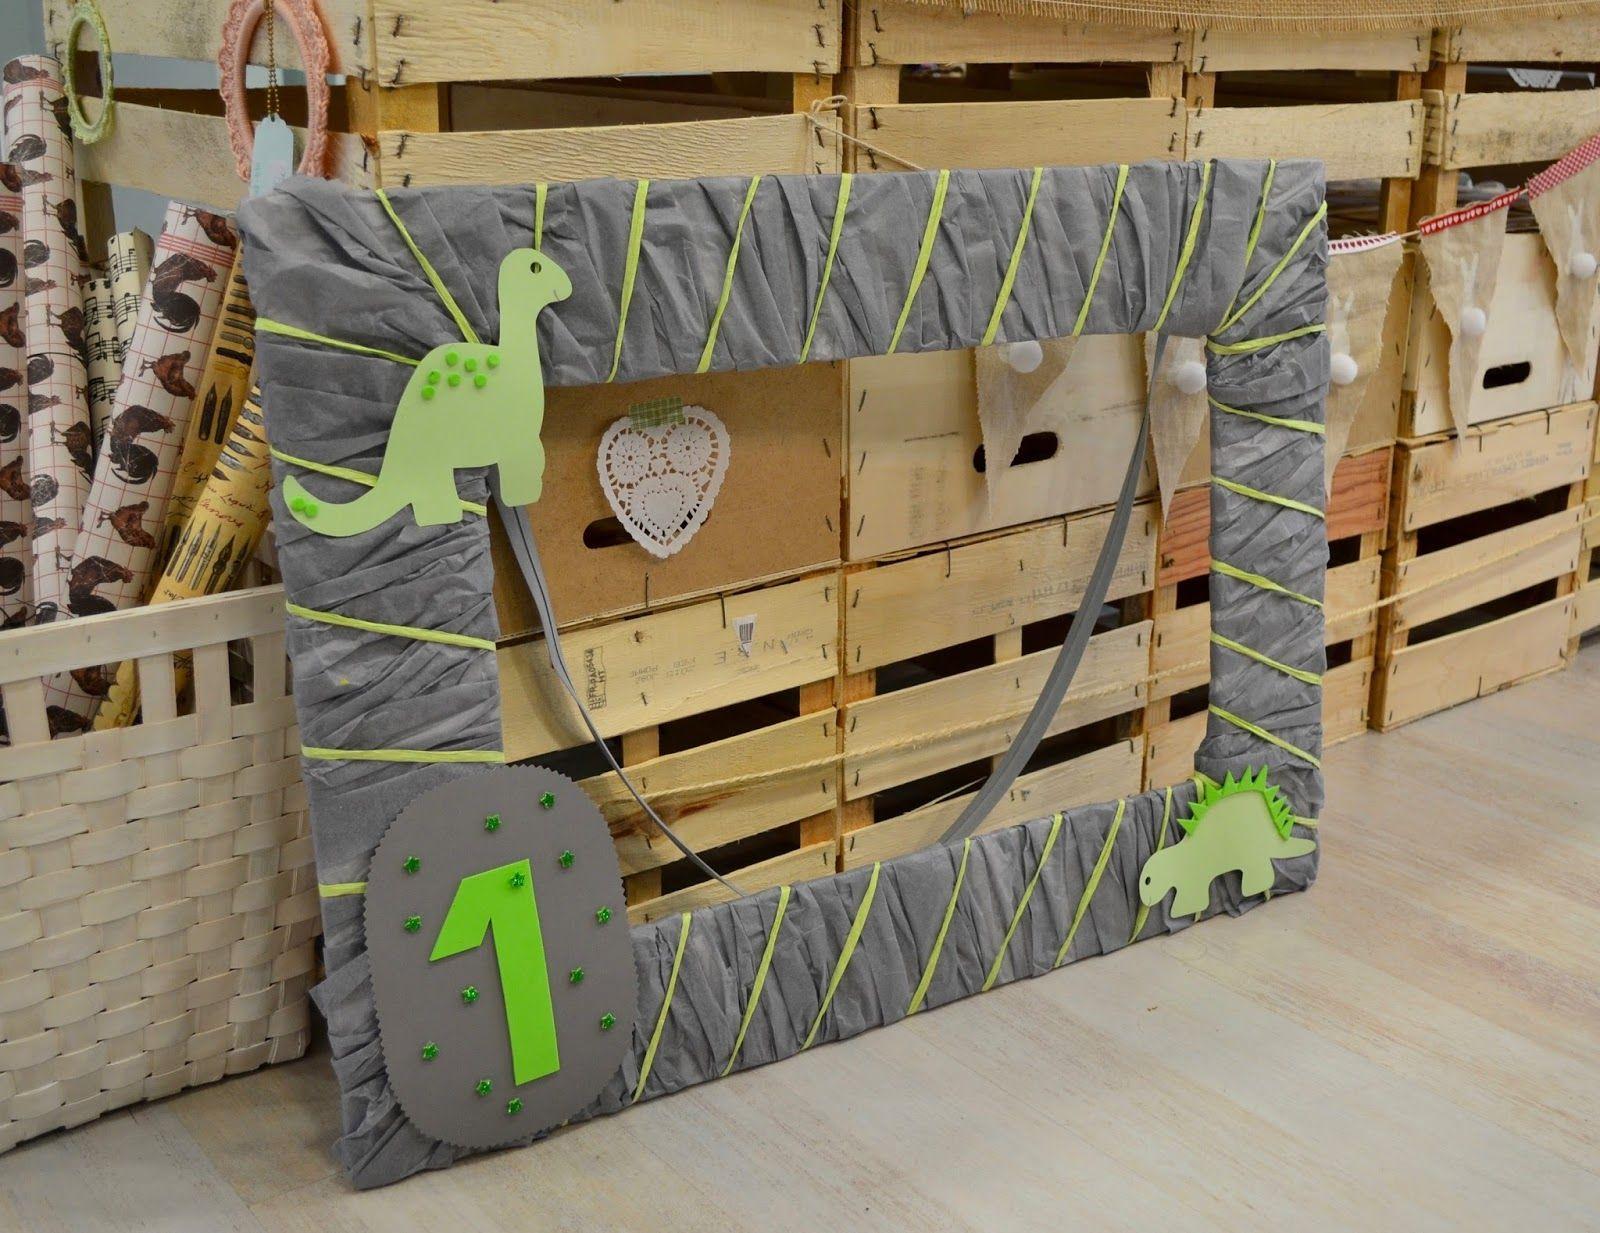 Manualidades decoraciones y bisuter a hecha a mano - Decoracion de cajas ...